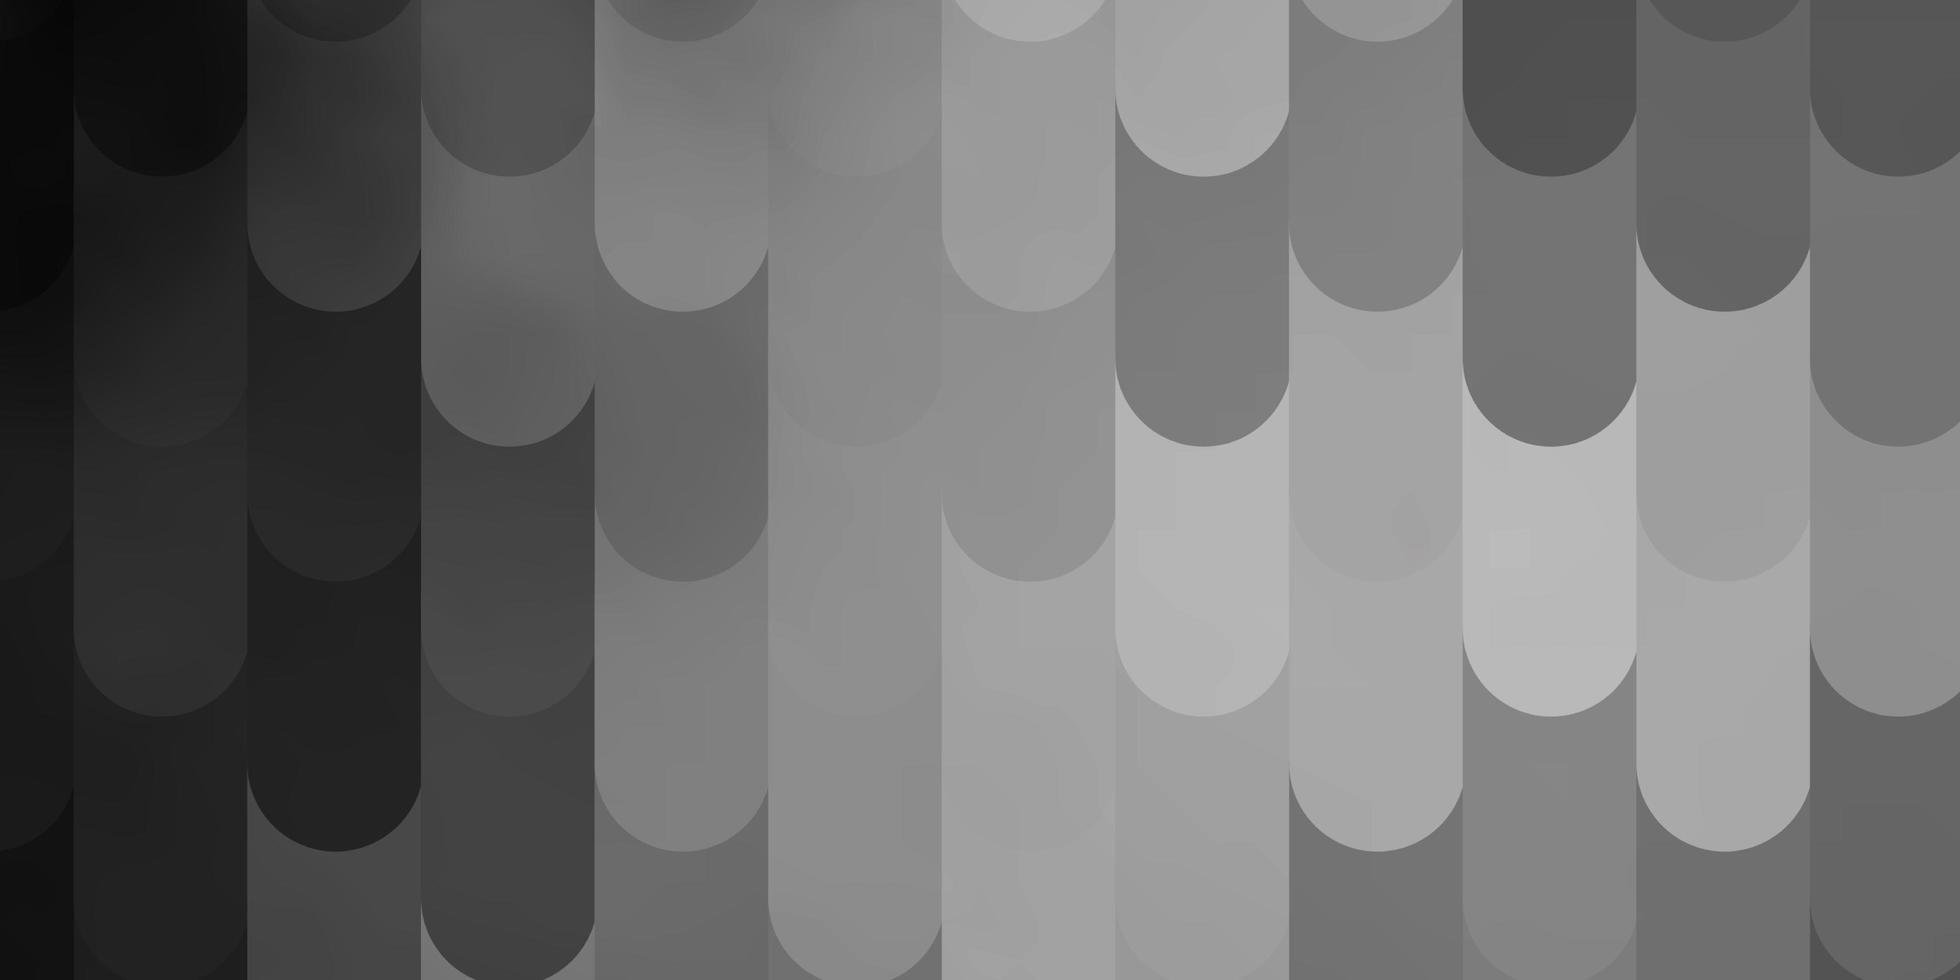 plantilla de vector gris claro con líneas.